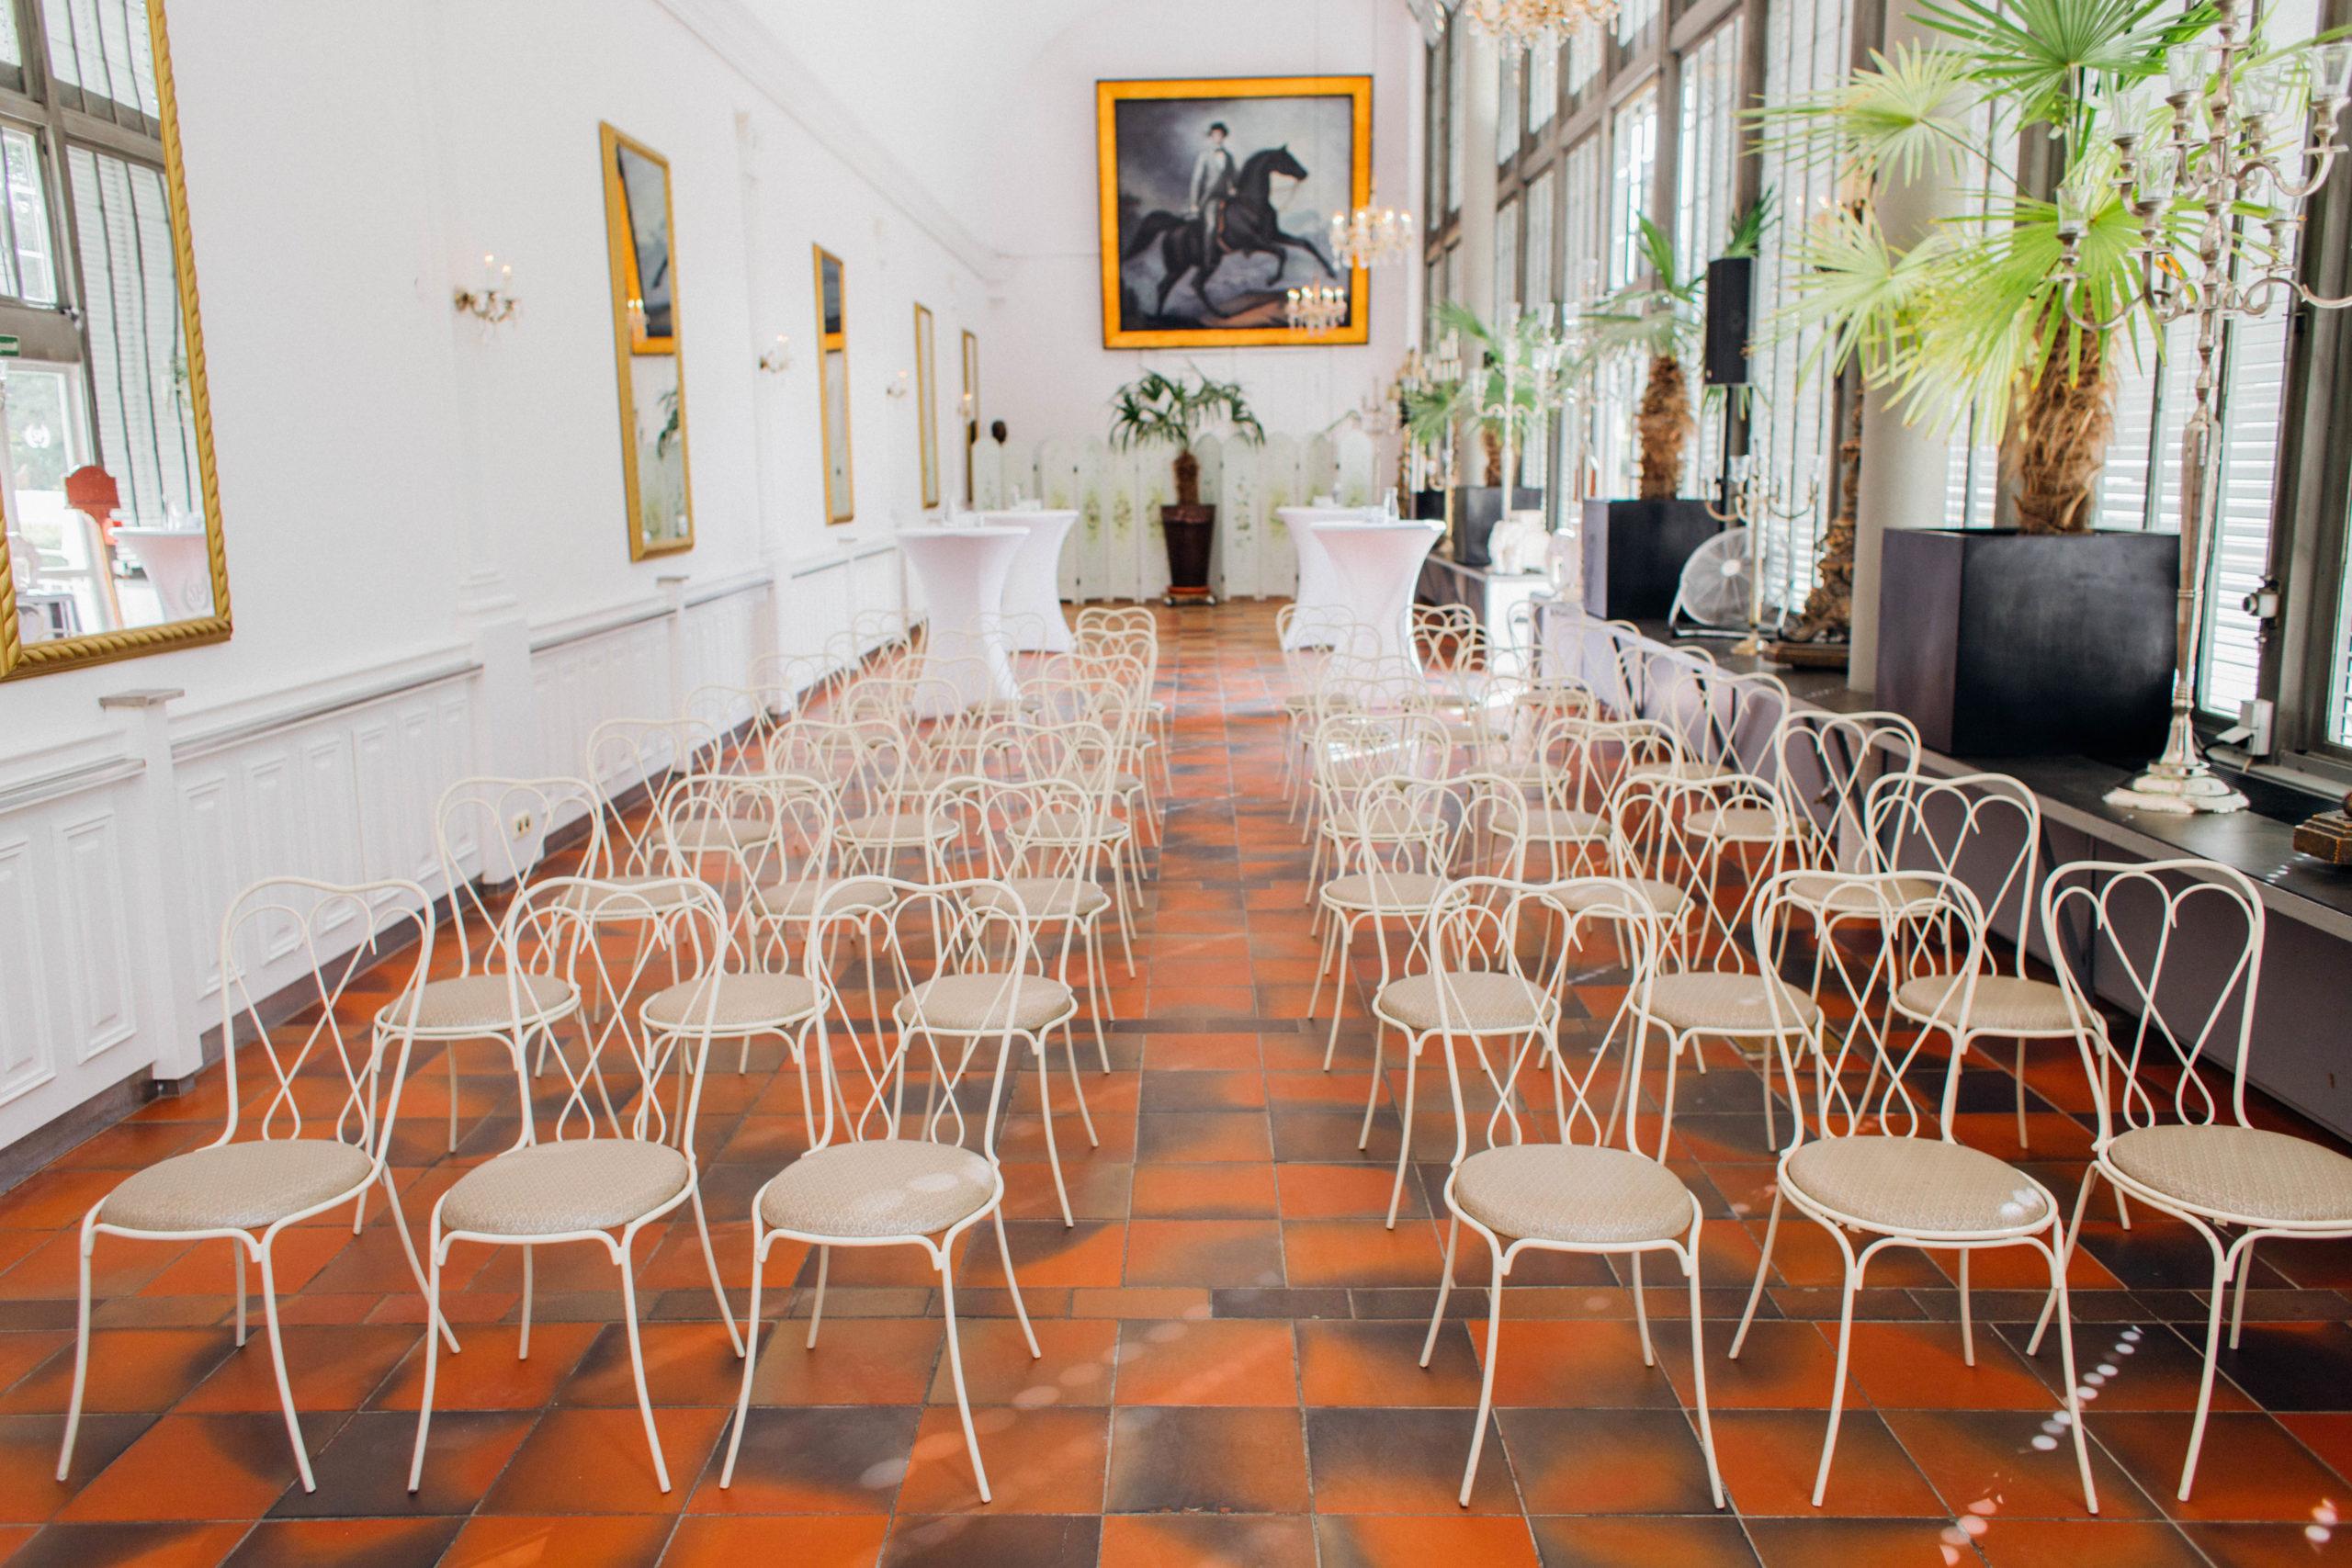 Workshop Schlosscafé im Palmenhaus